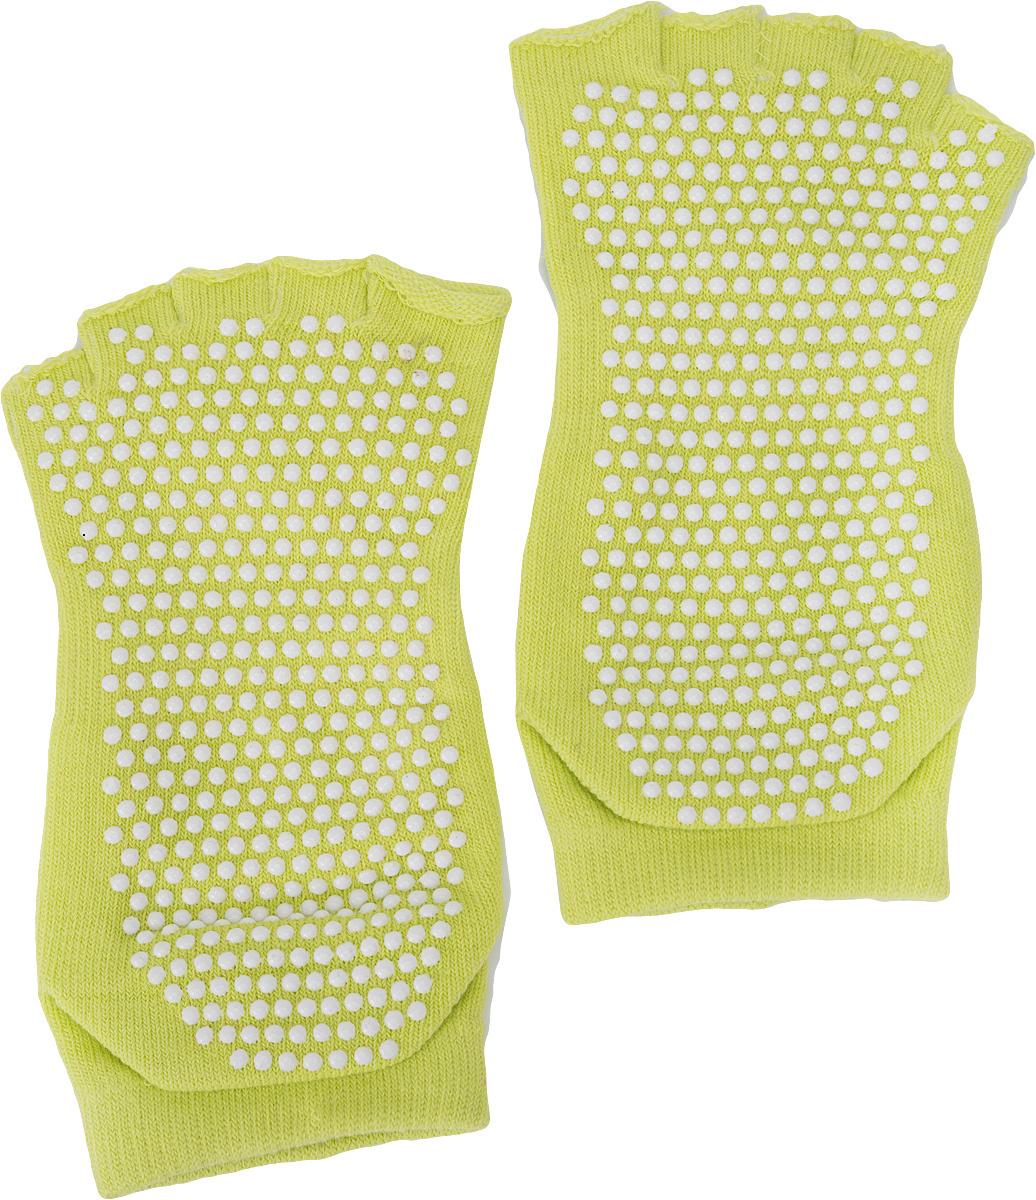 Носки противоскользящие для занятий йогой Bradex, с открытыми пальцами и подъемом. Размер 35/41  #1